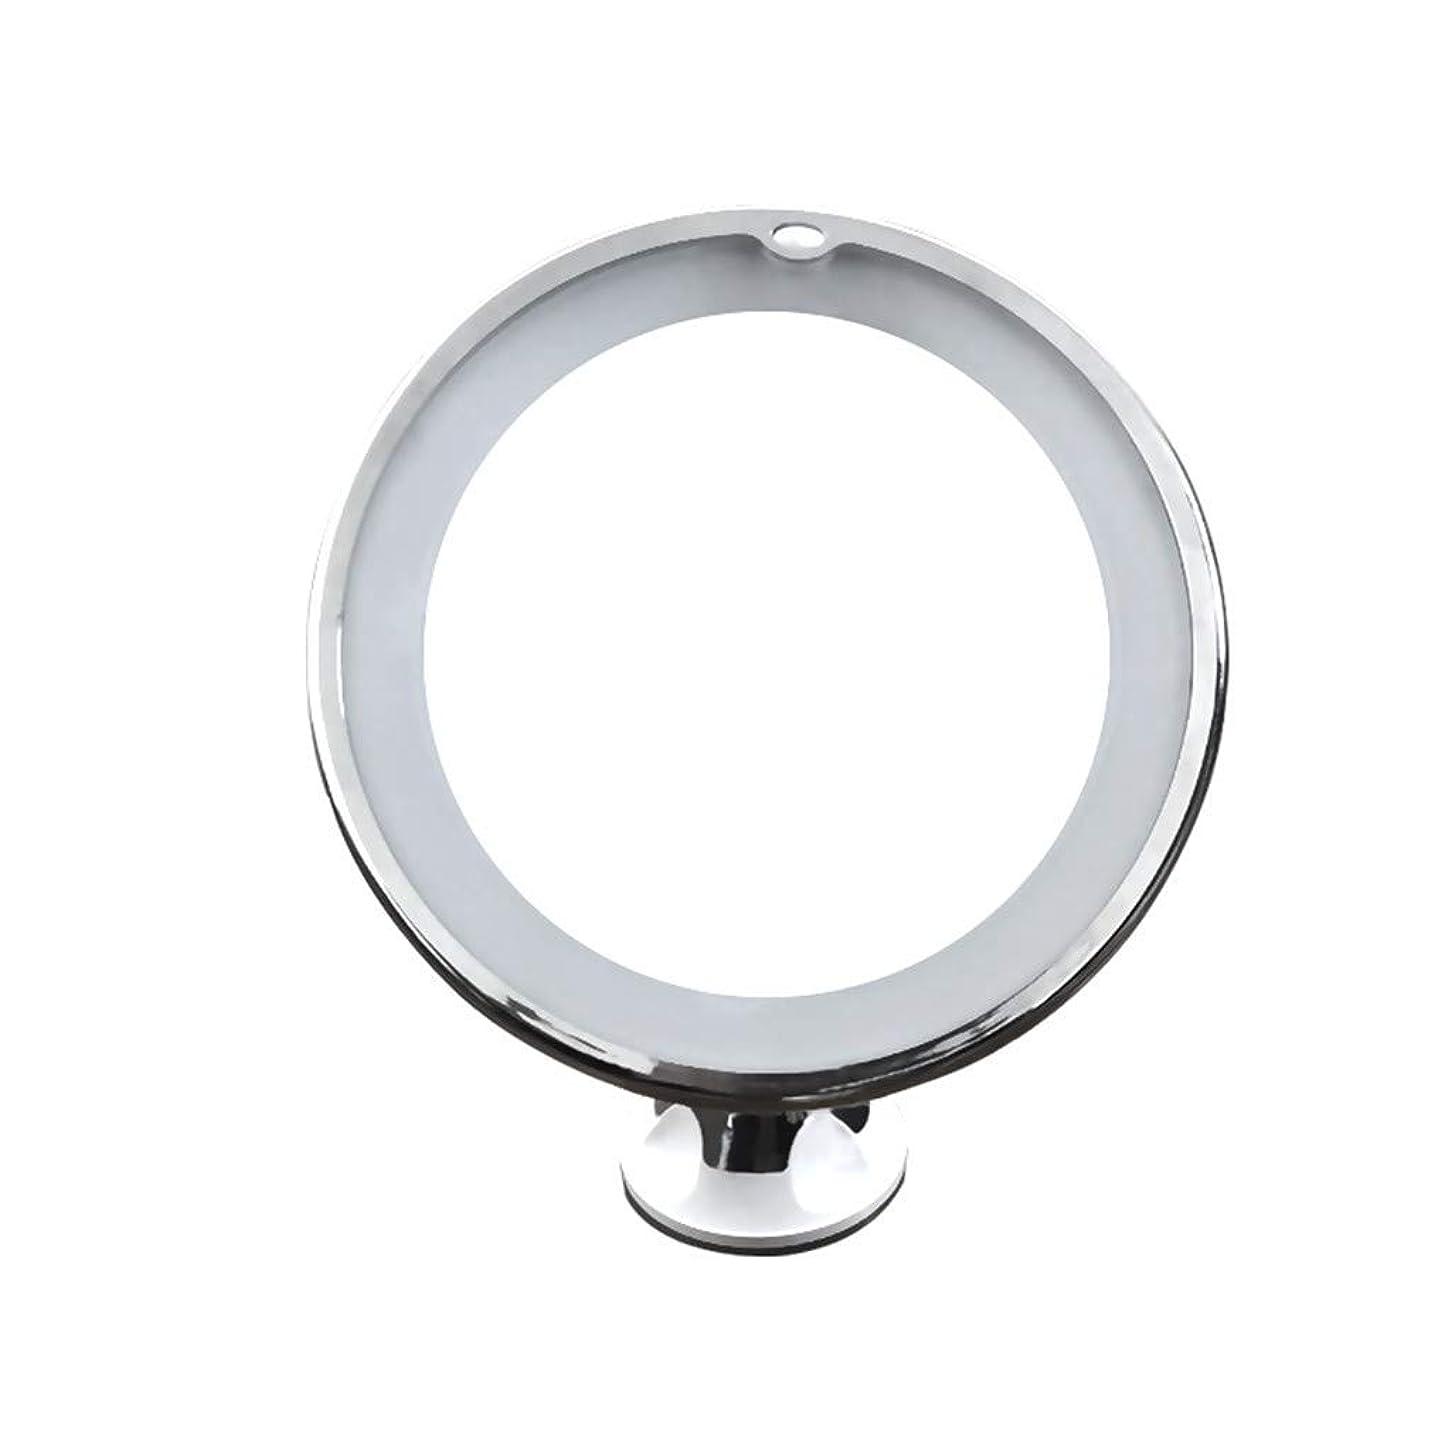 騒ぎぐったり印刷するTichan led円形化粧鏡 メイクアップレンズ 適用範囲が広いミラー 10倍の拡大の化粧ミラー 高品質 クリック ポータブルコンパクト 寝室 浴室 寮の部屋 旅行 壁掛け 10倍のミラー